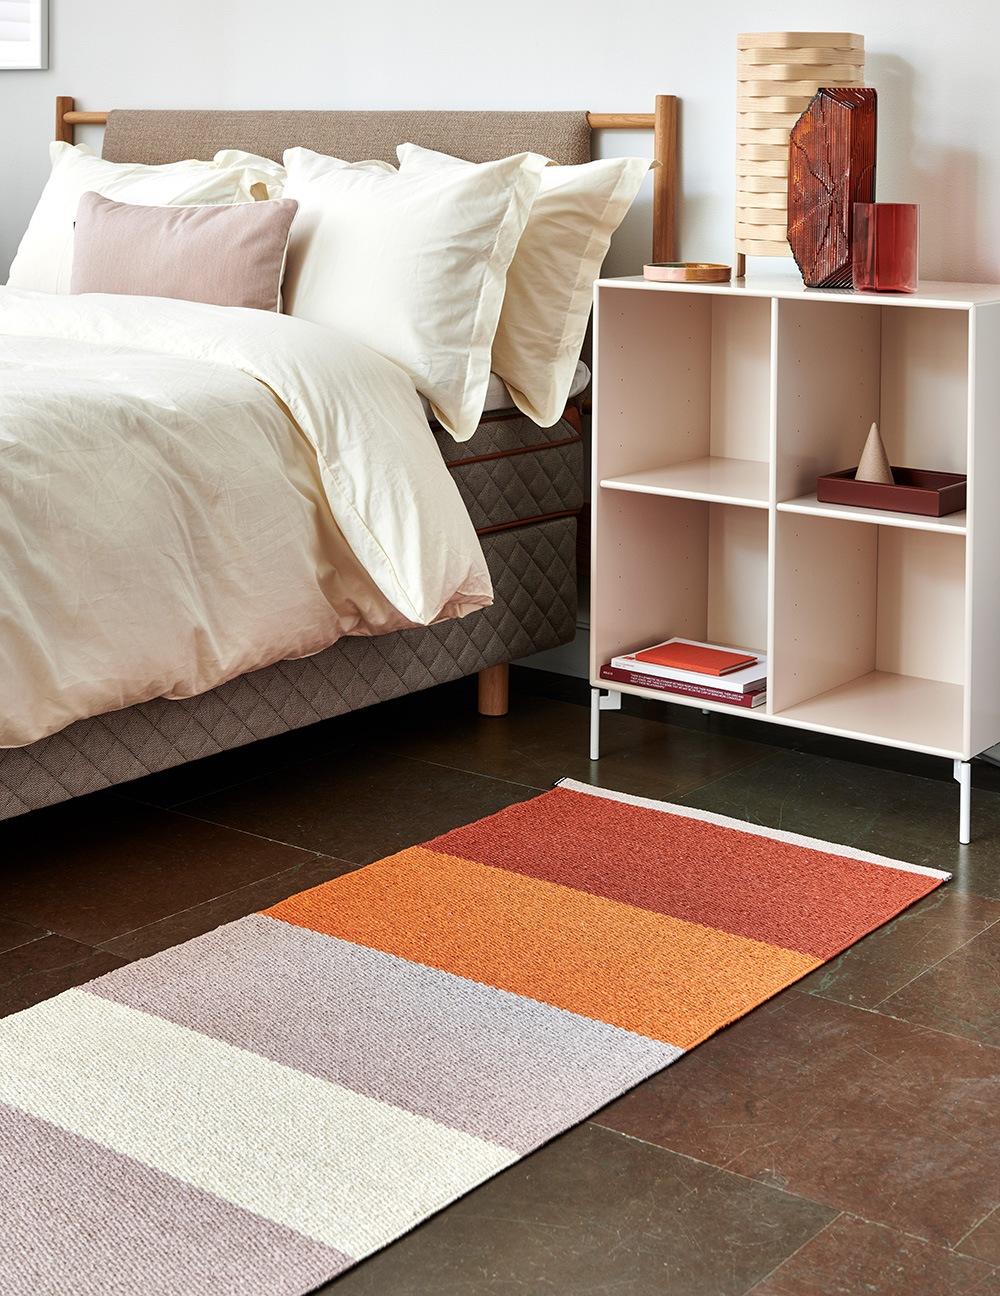 Bunter Teppich im Schlafzimmer